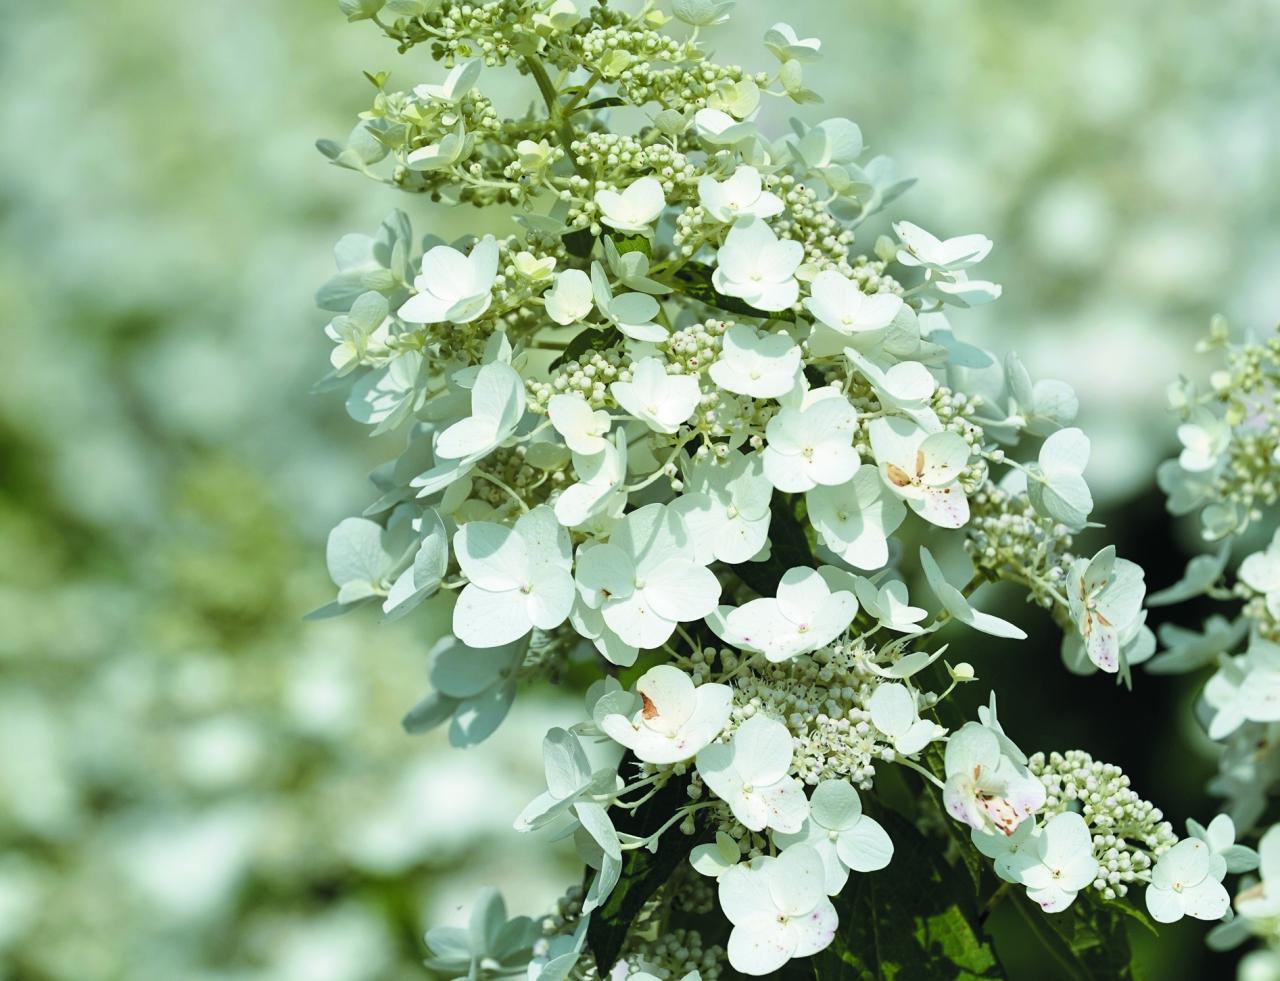 Silver Dollar. Sasniedz 2 m augstumu. Tai raksturīgi stingri zari, ziedi ir balti, pat caurspīdīgi.